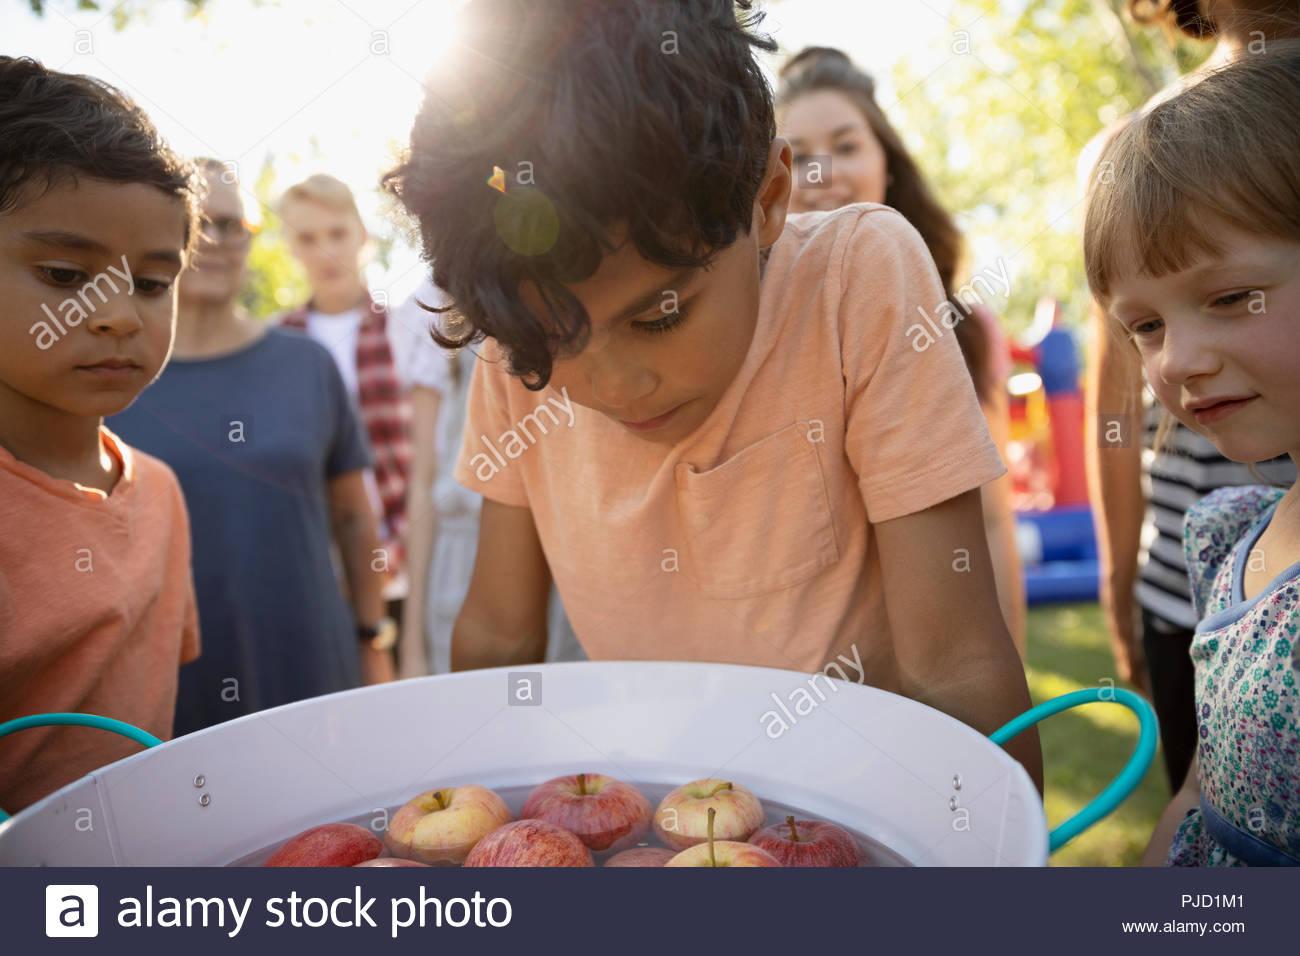 Kinder Wippe für Äpfel am Sommer, der Nachbarschaft Block Party im Park Stockbild